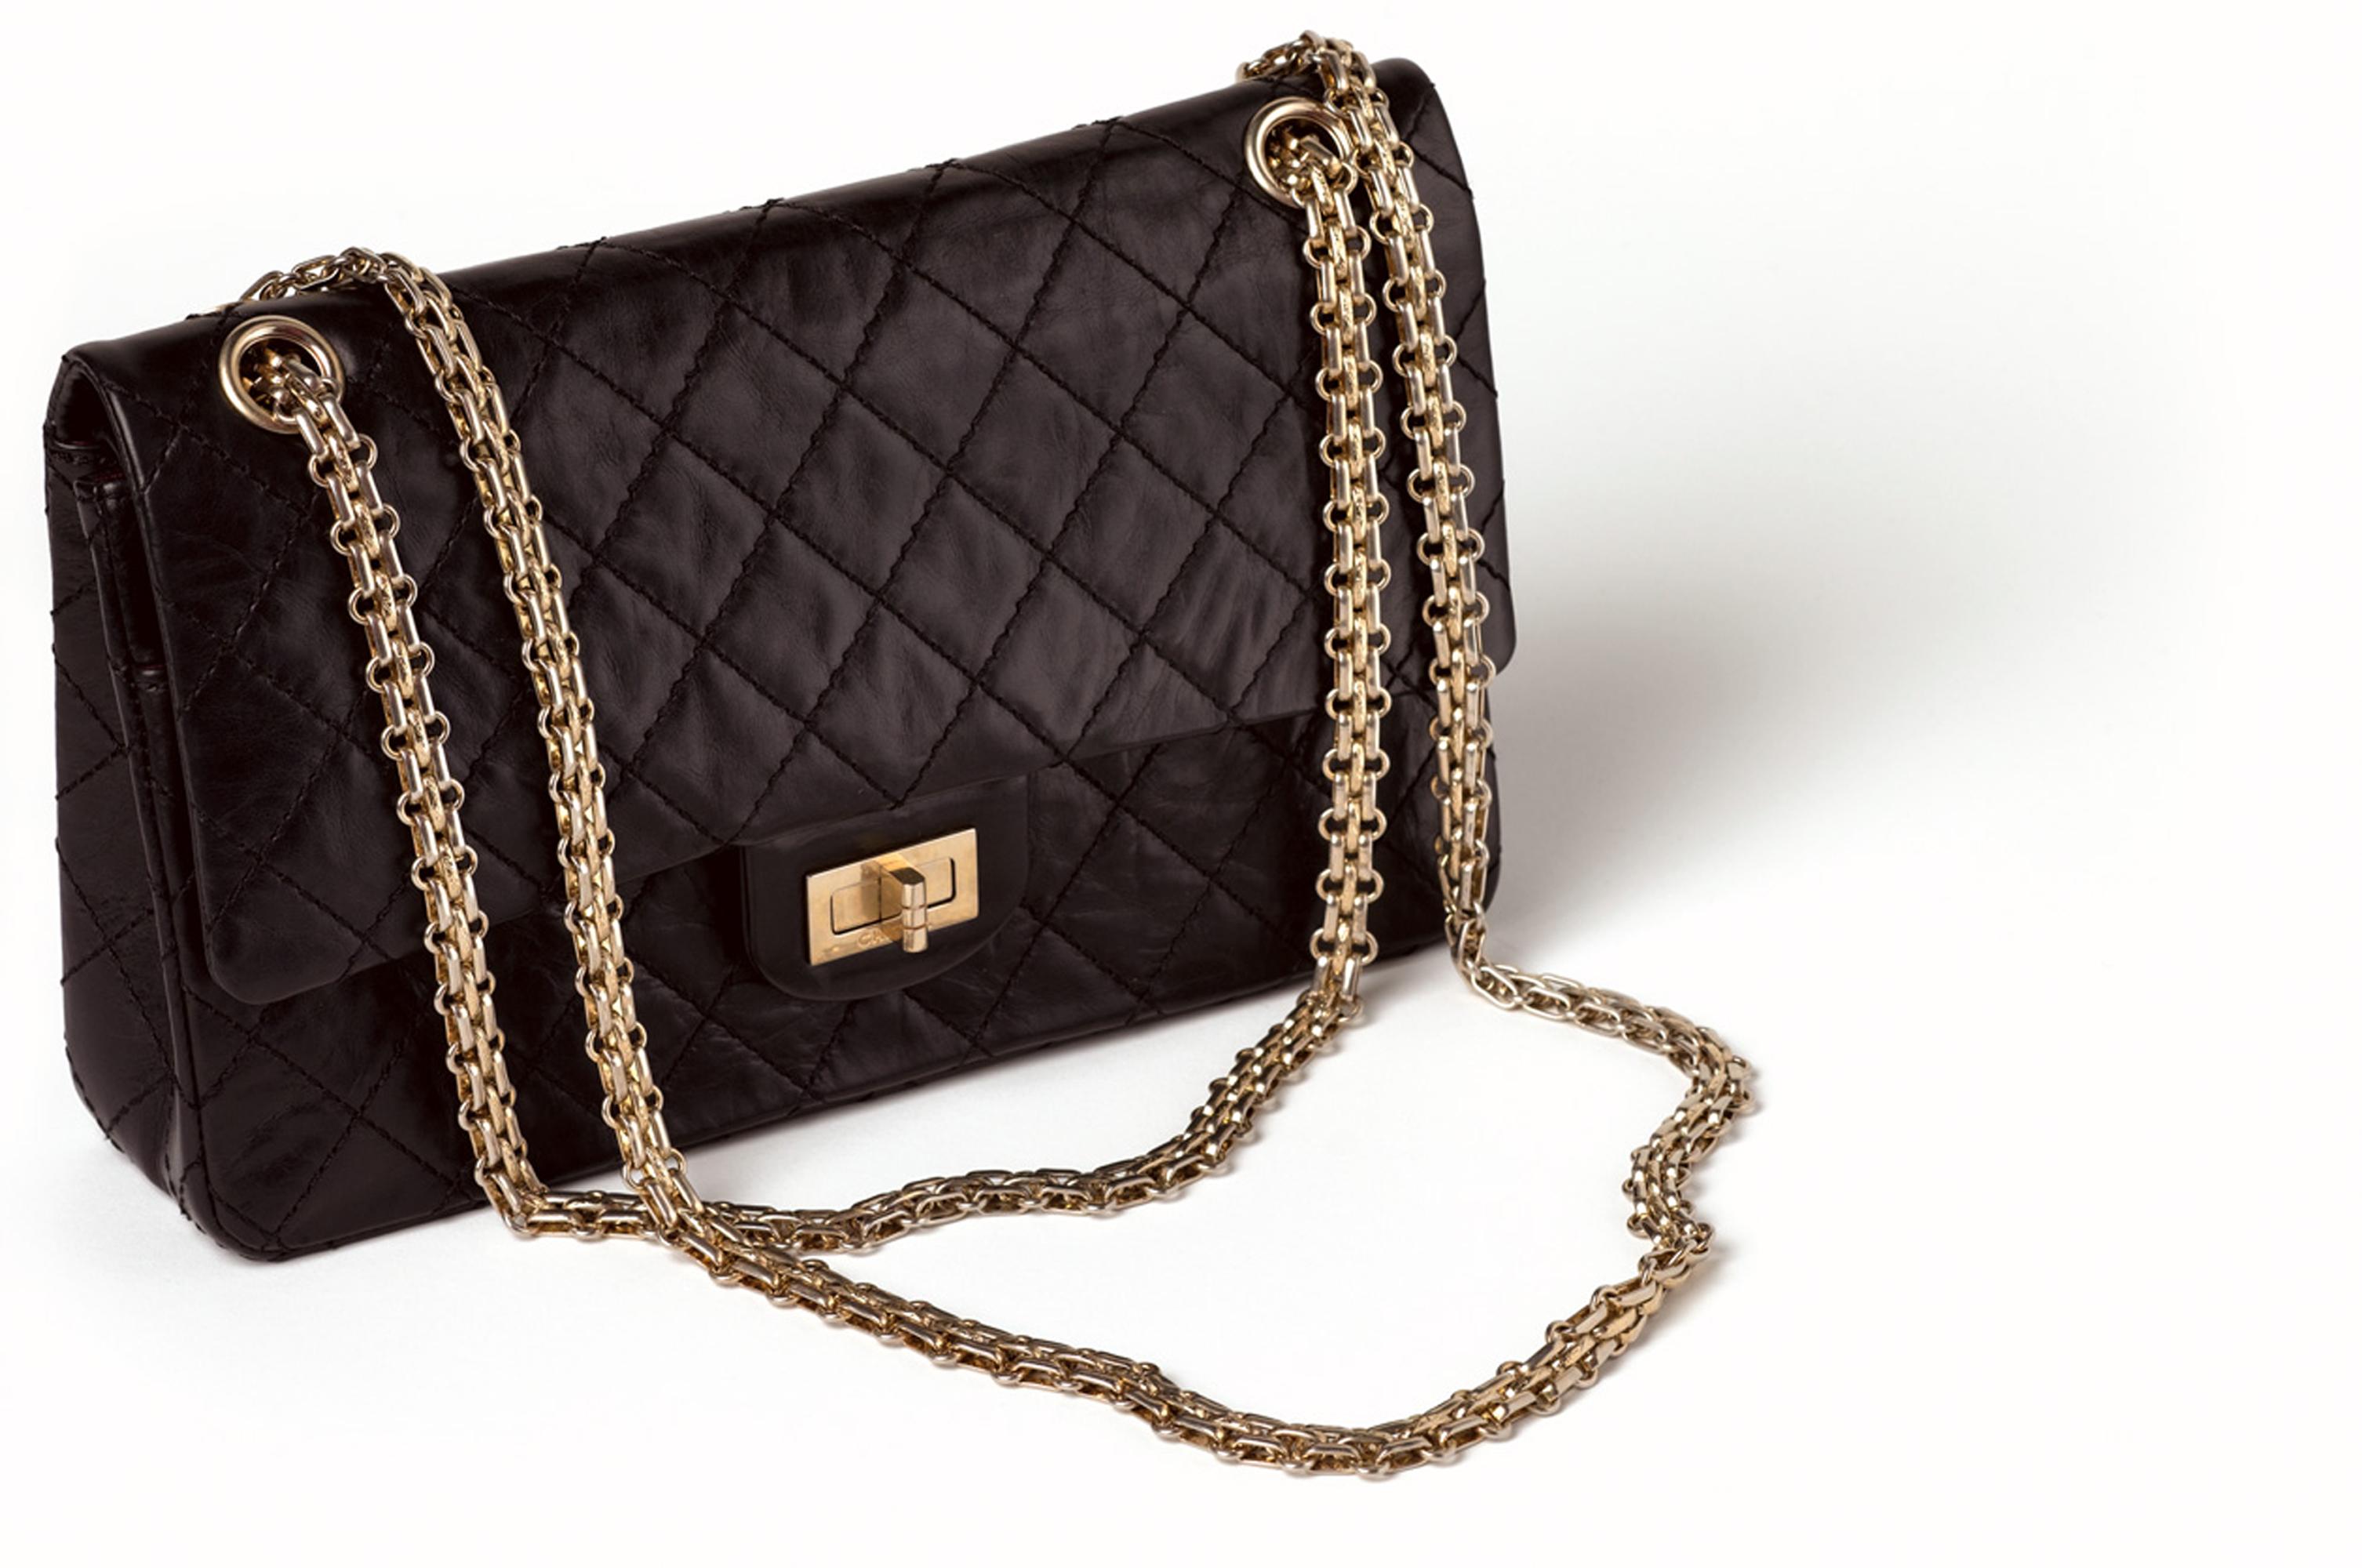 Модные сумки: фото и обзор самых модных женских сумок